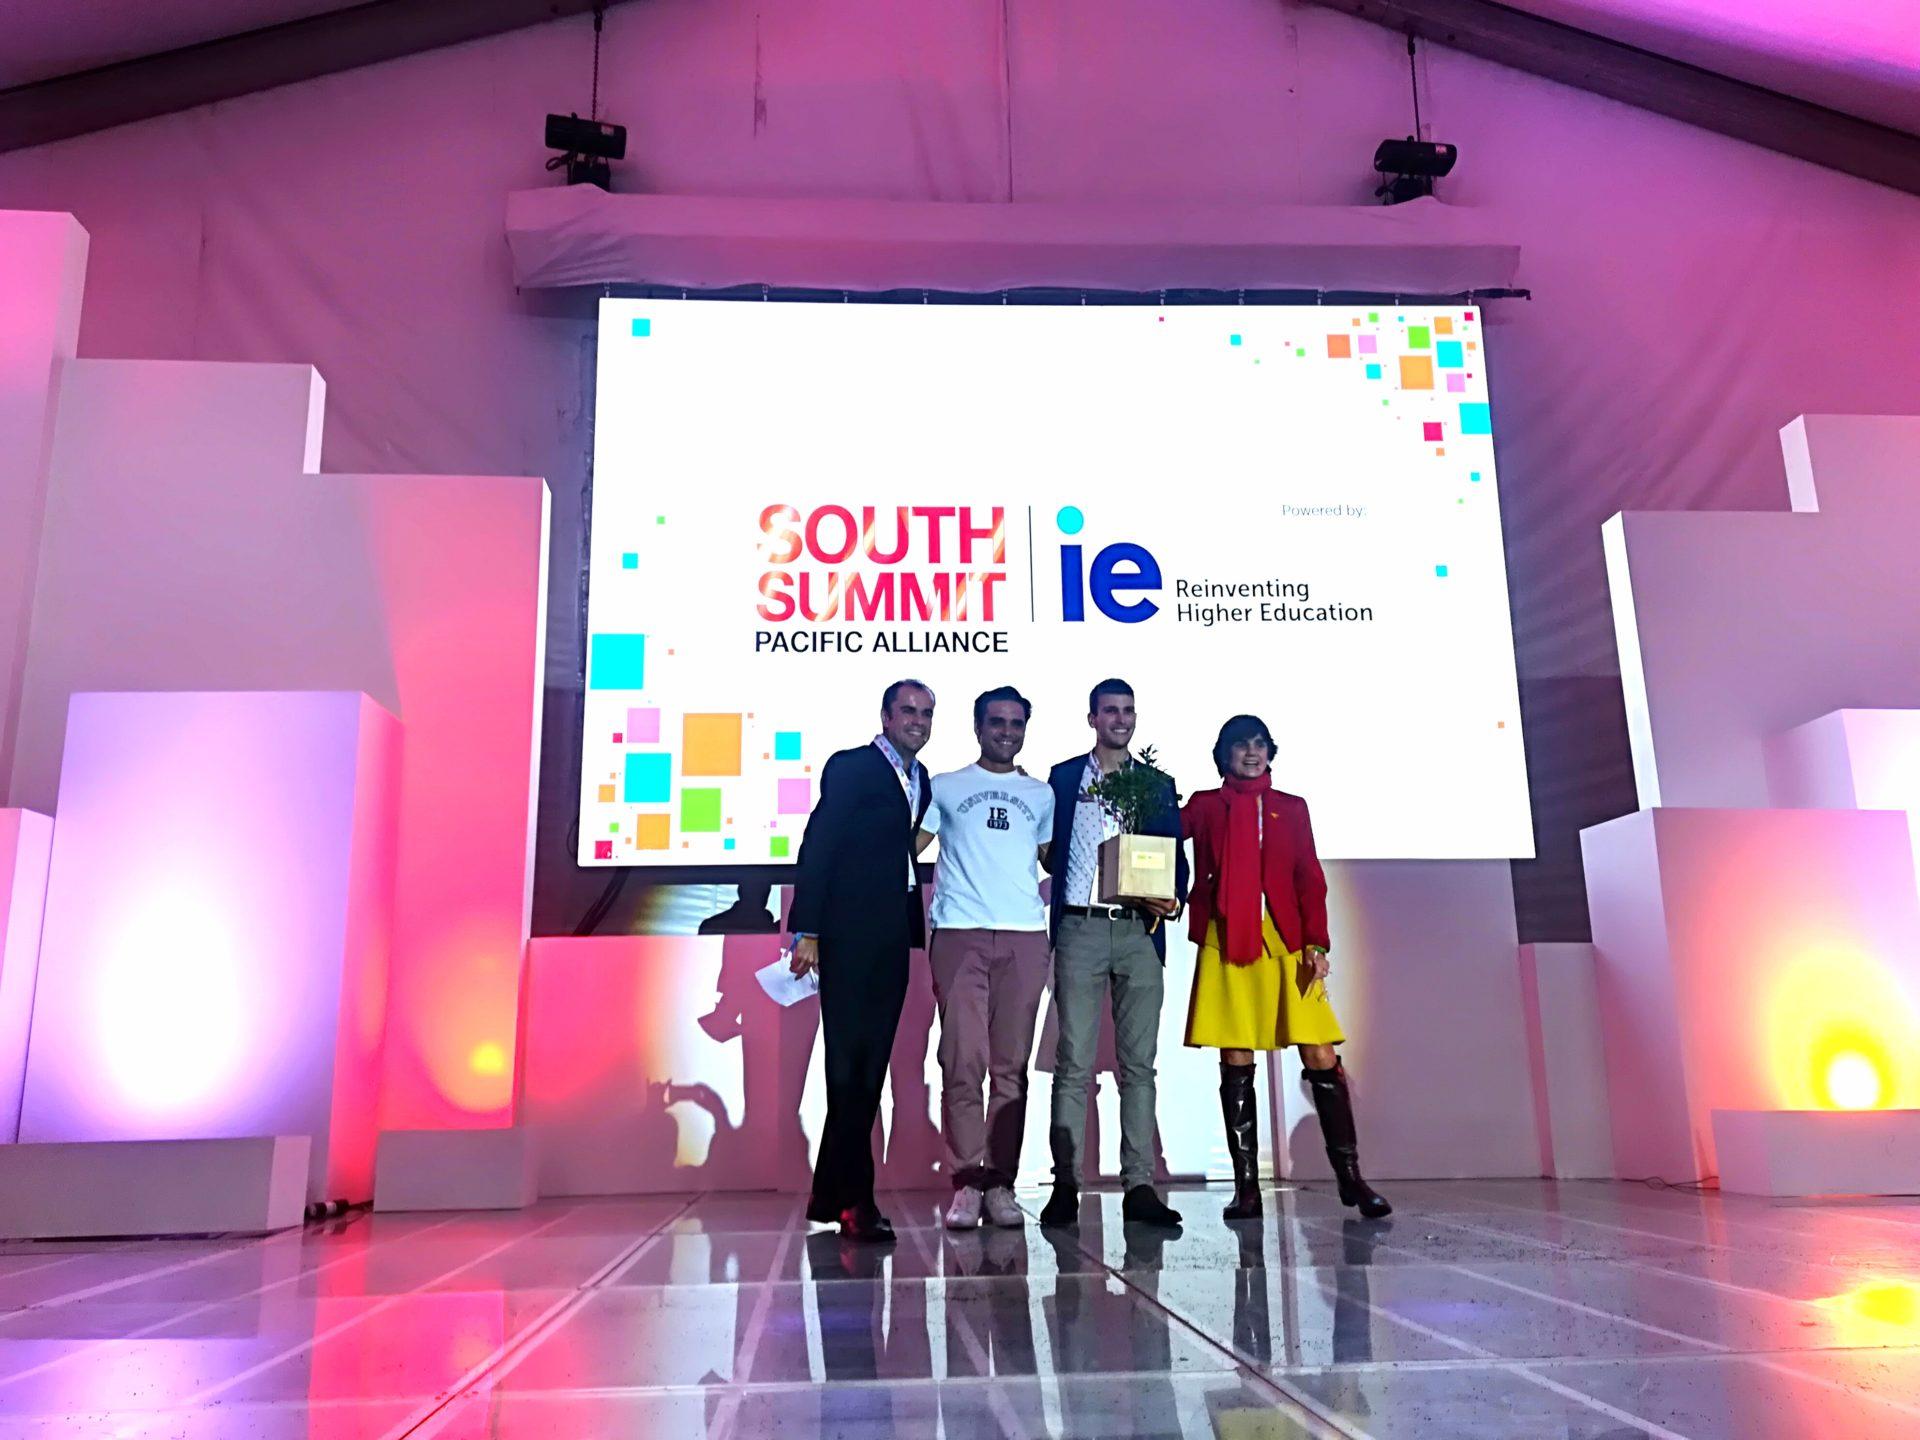 Fotografía de SmartFES la startup chileana ganadora absoluta del South Summit Alianza del Pacífico